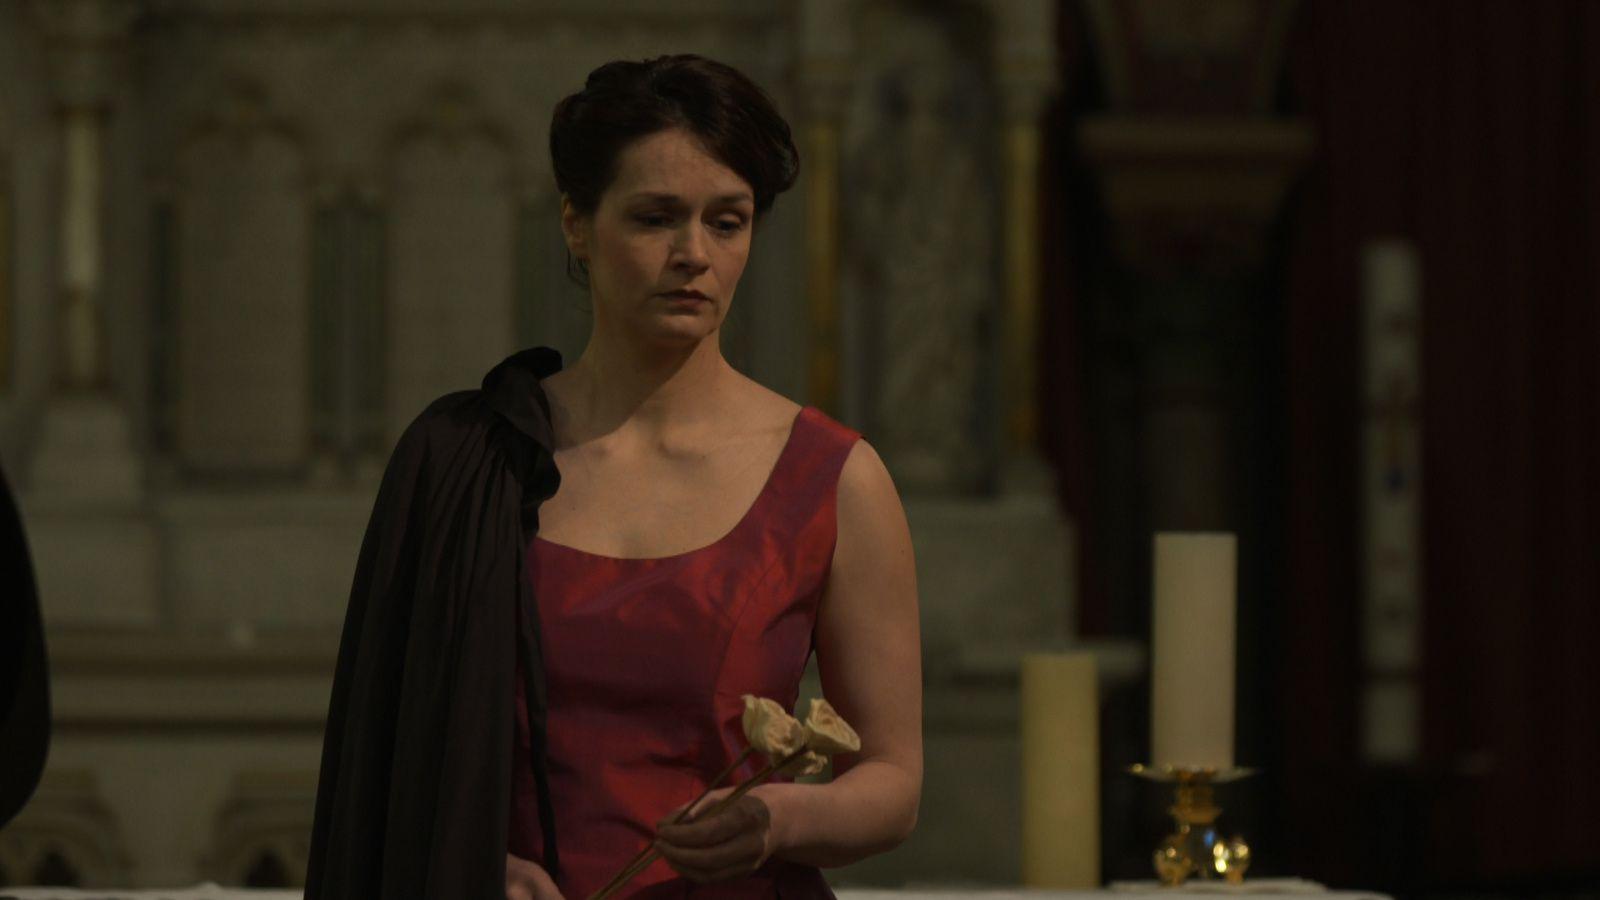 Marion Sicre dans Pauline Viardot, élève de Liszt - mis en scène d'Antoine Campo - Eglise Saint-Germain Lès Corbeil le 8 mars 2014 - Journée de la Femme